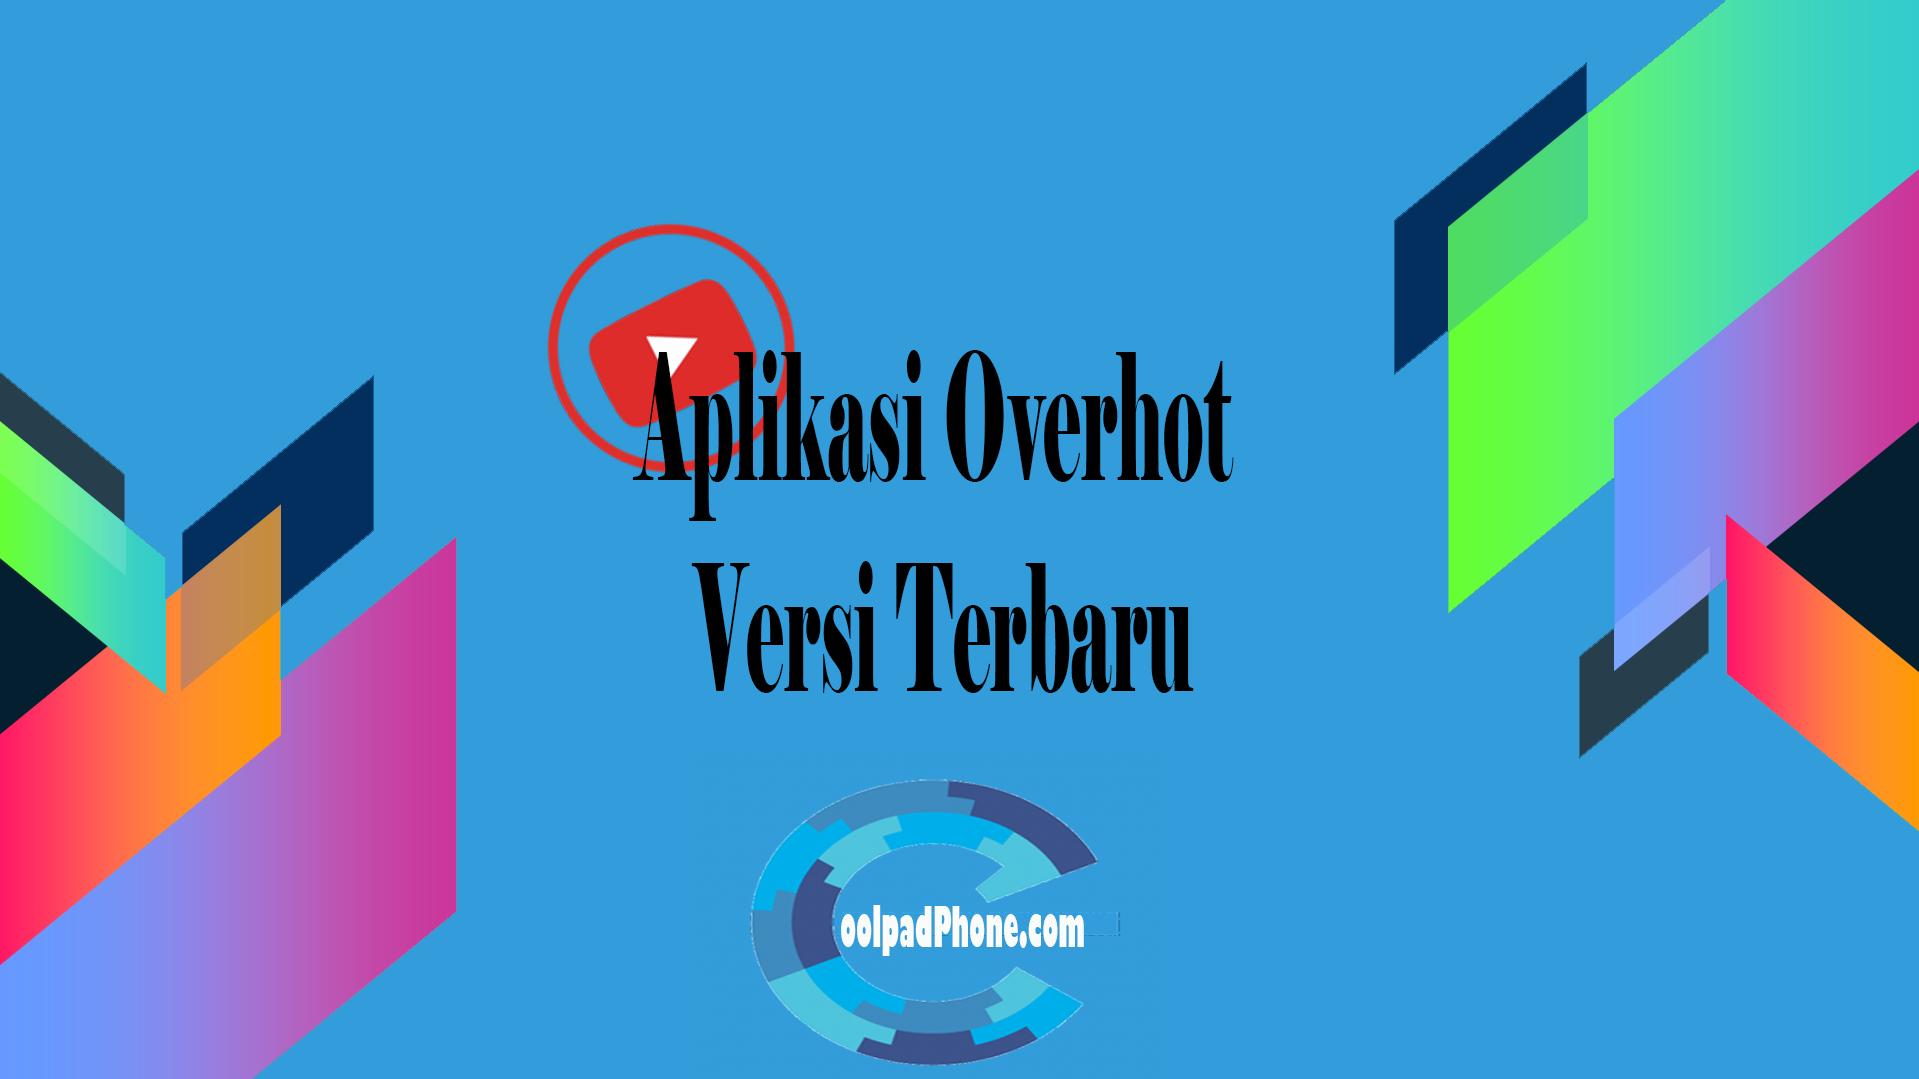 Aplikasi Overhot Versi Terbaru